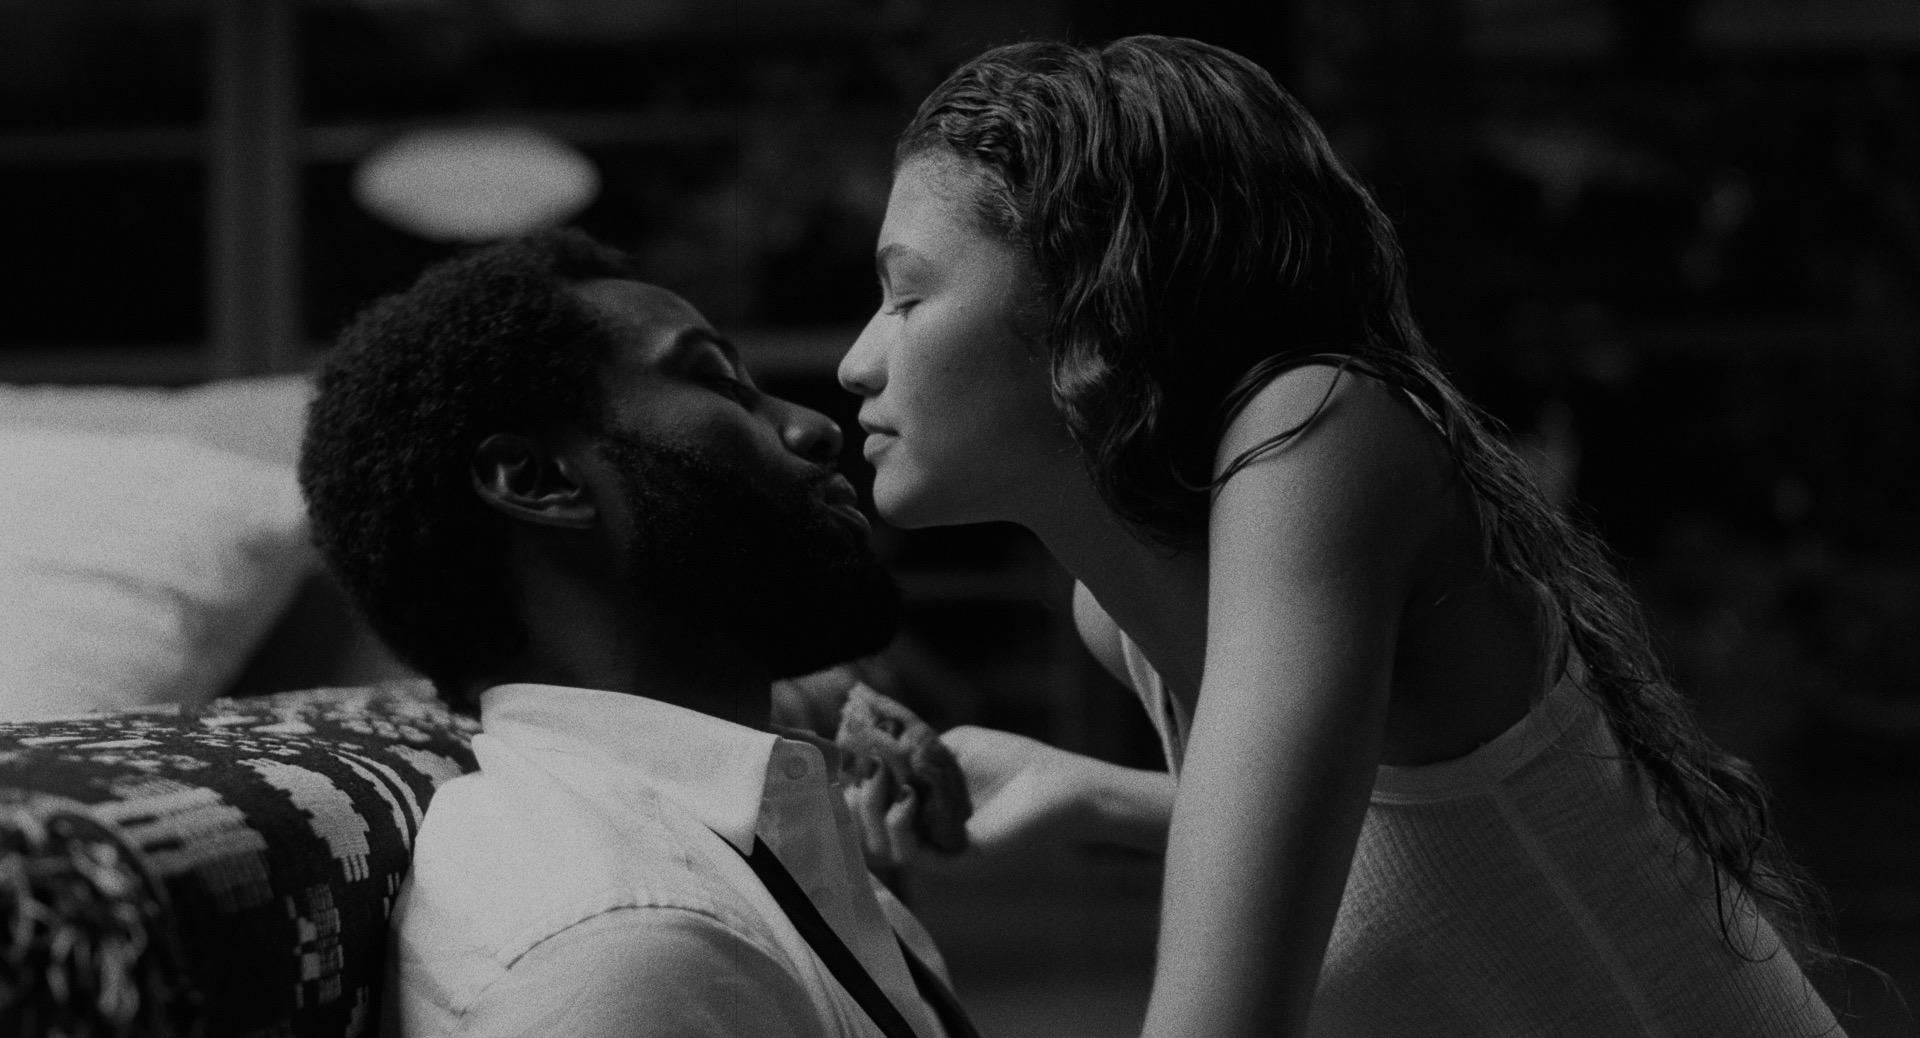 El tráiler de Malcolm & Marie, la cinta de Netflix protagonizada por Zendaya